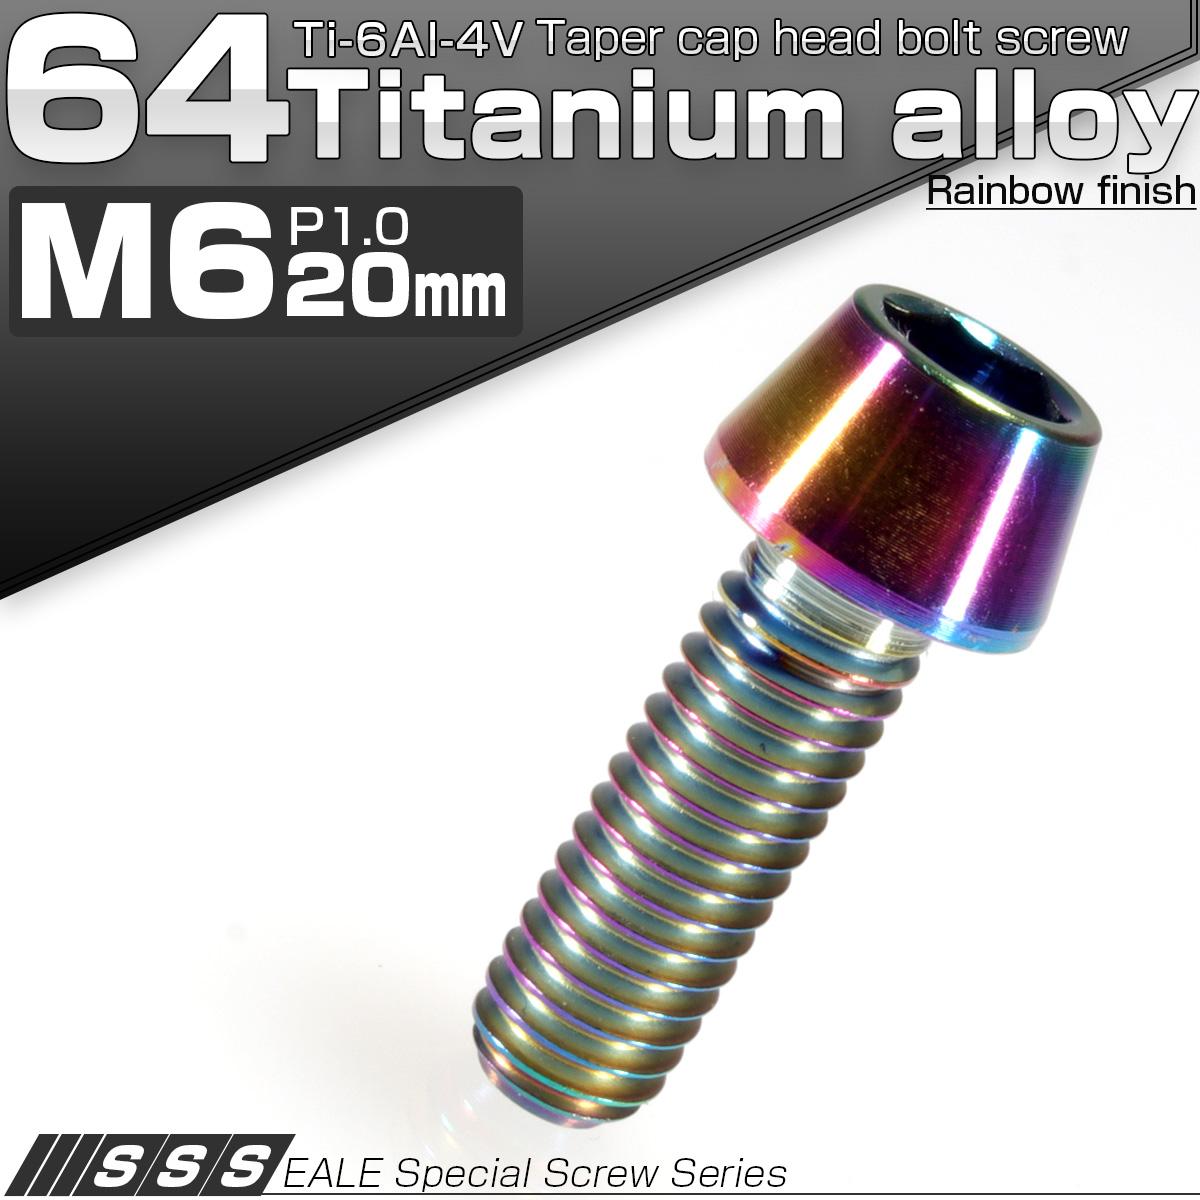 【ネコポス可】 64チタン M6×20mm P1.0 テーパー キャップボルト 虹色 焼きチタン風 六角穴付きボルト Ti6Al-4V チタンボルト JA115